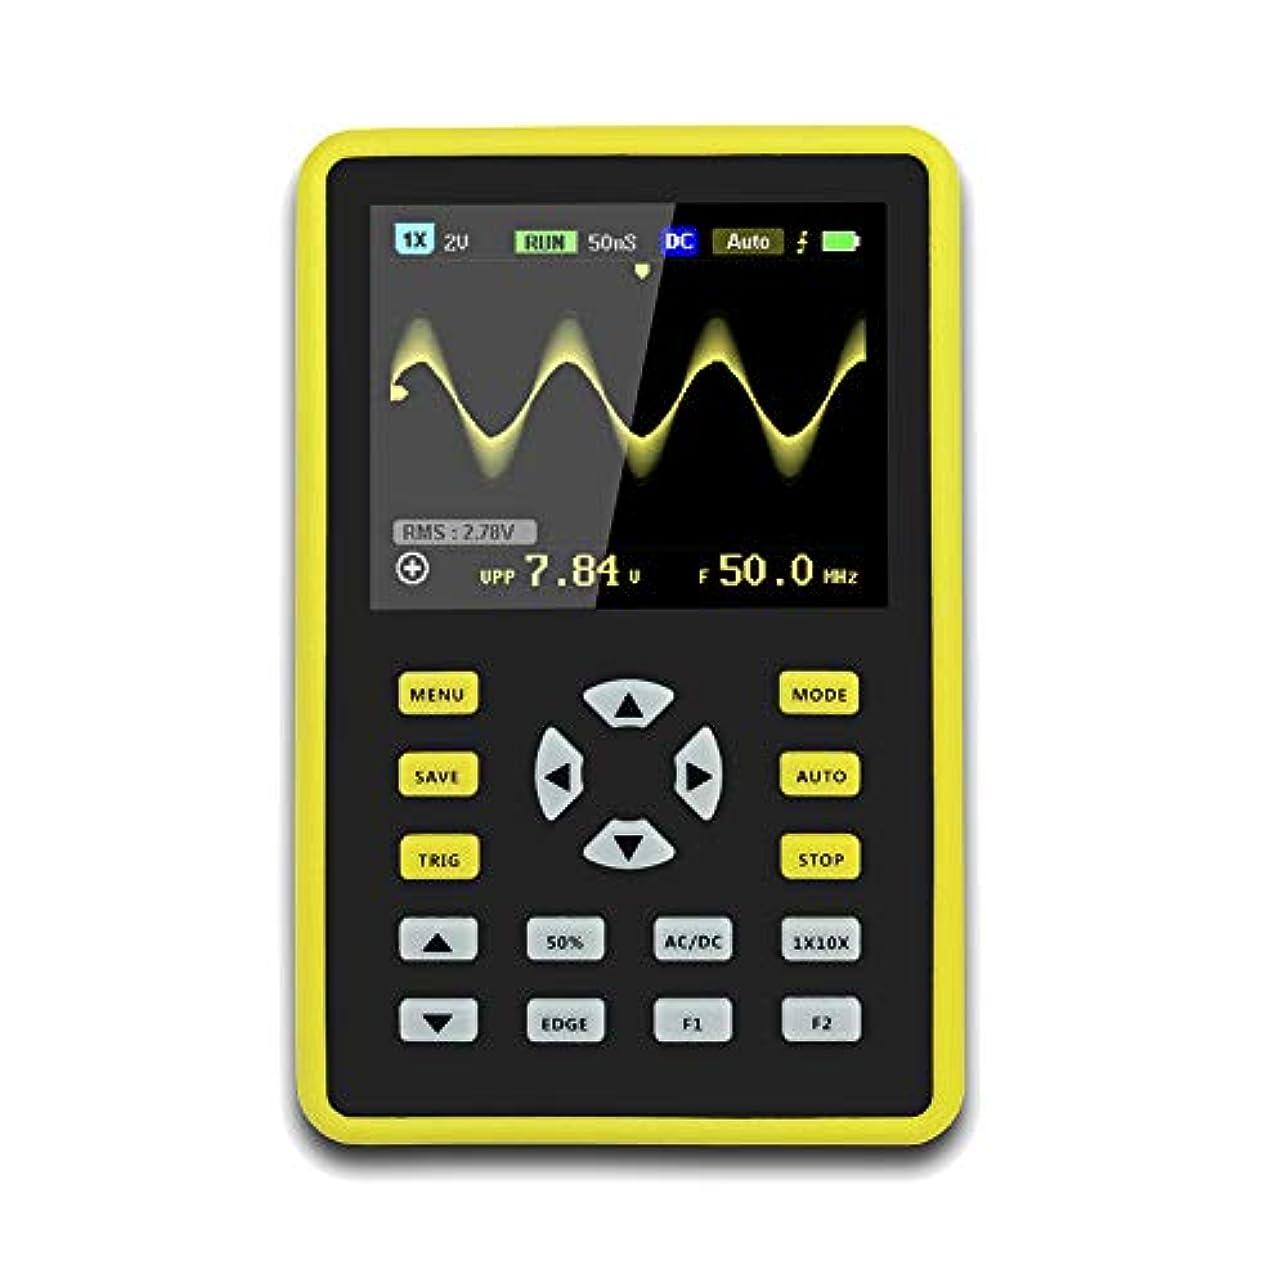 バーチャル熱心アジャCoolTack  手持ち型デジタル小型オシロスコープ2.4インチ500 MS/s IPS LCD表示スクリーンの携帯用